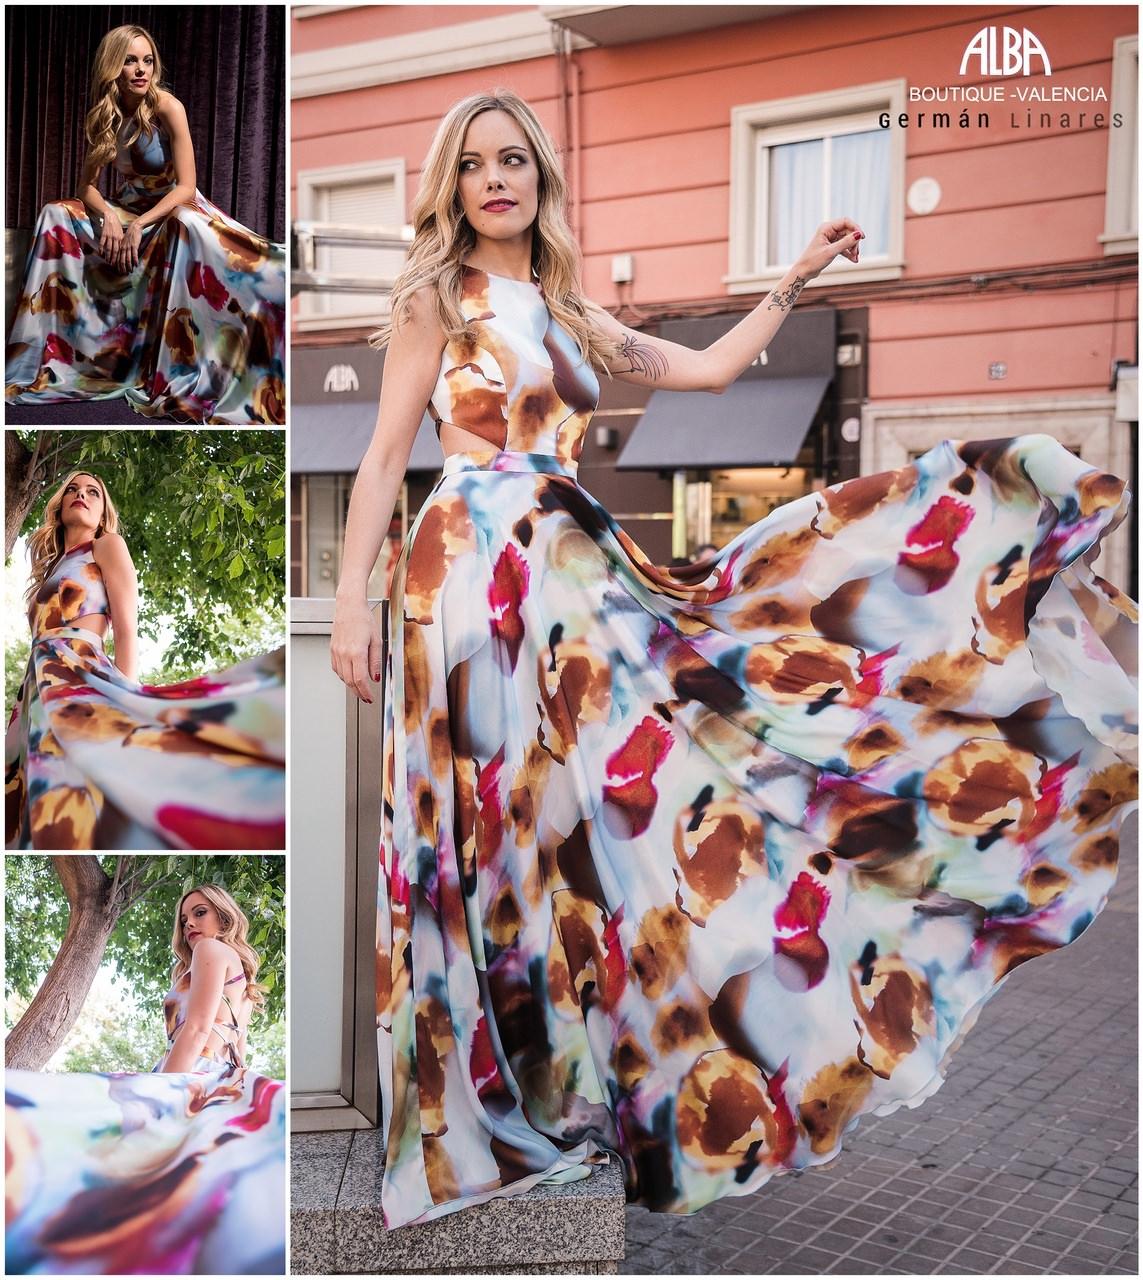 fotografo de moda en valencia, tienda de ropa alba5